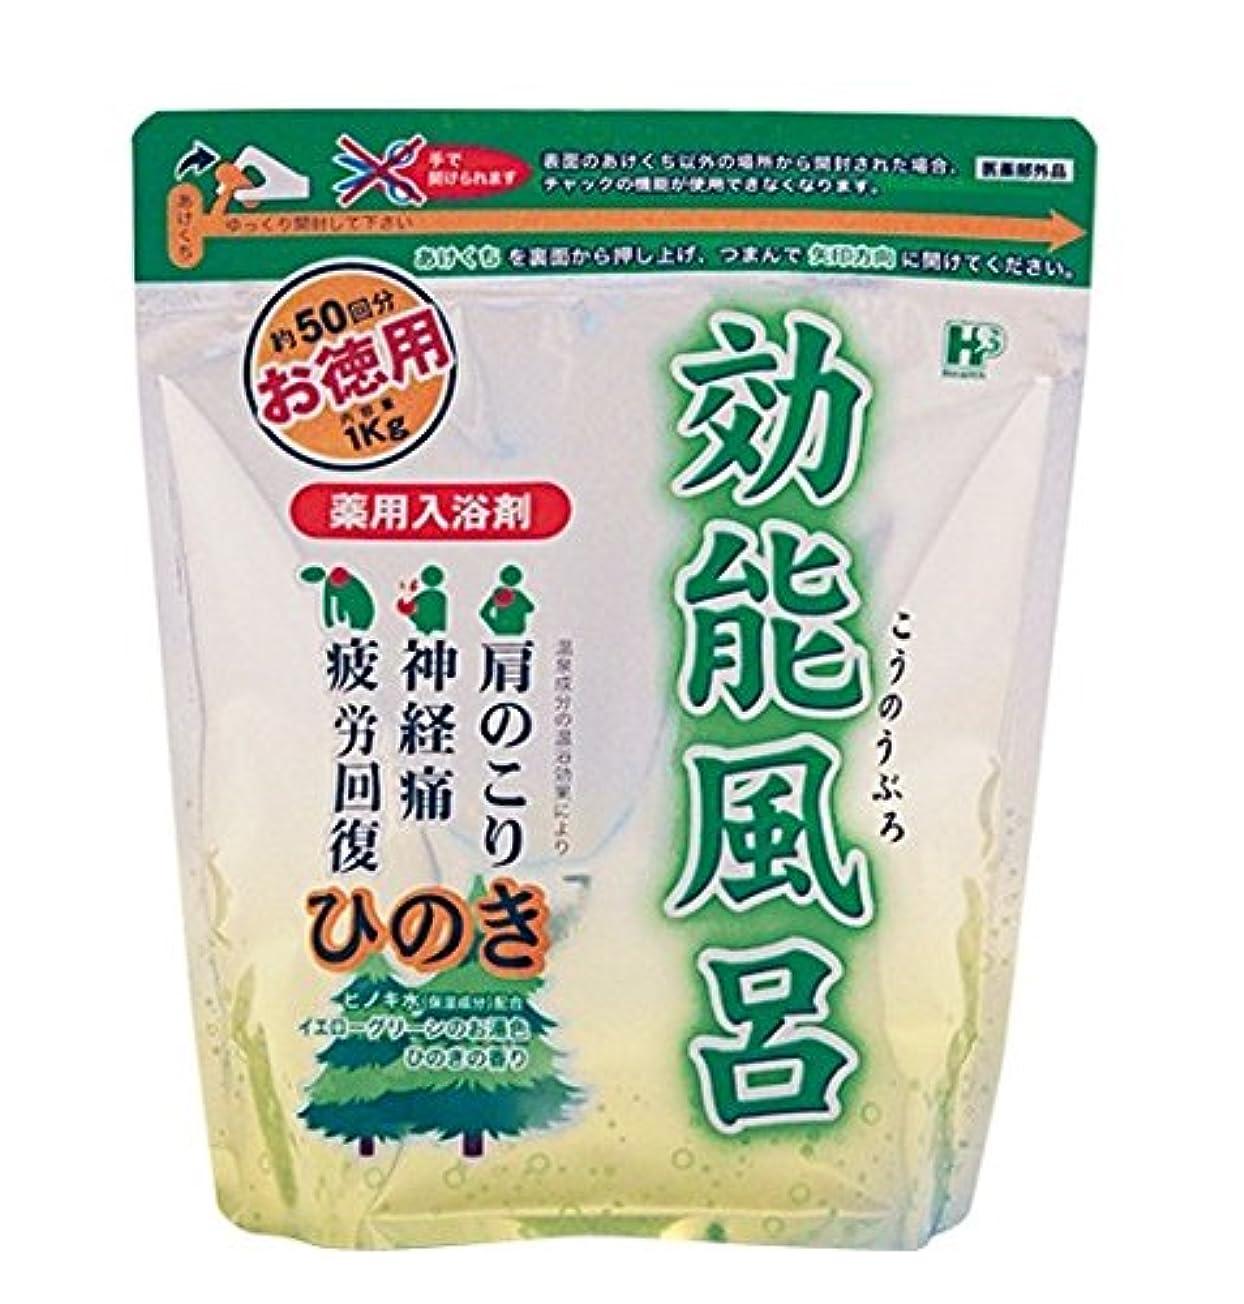 苦味里親食品薬用入浴剤 効能風呂 ひのきの香り 1kg [医薬部外品]